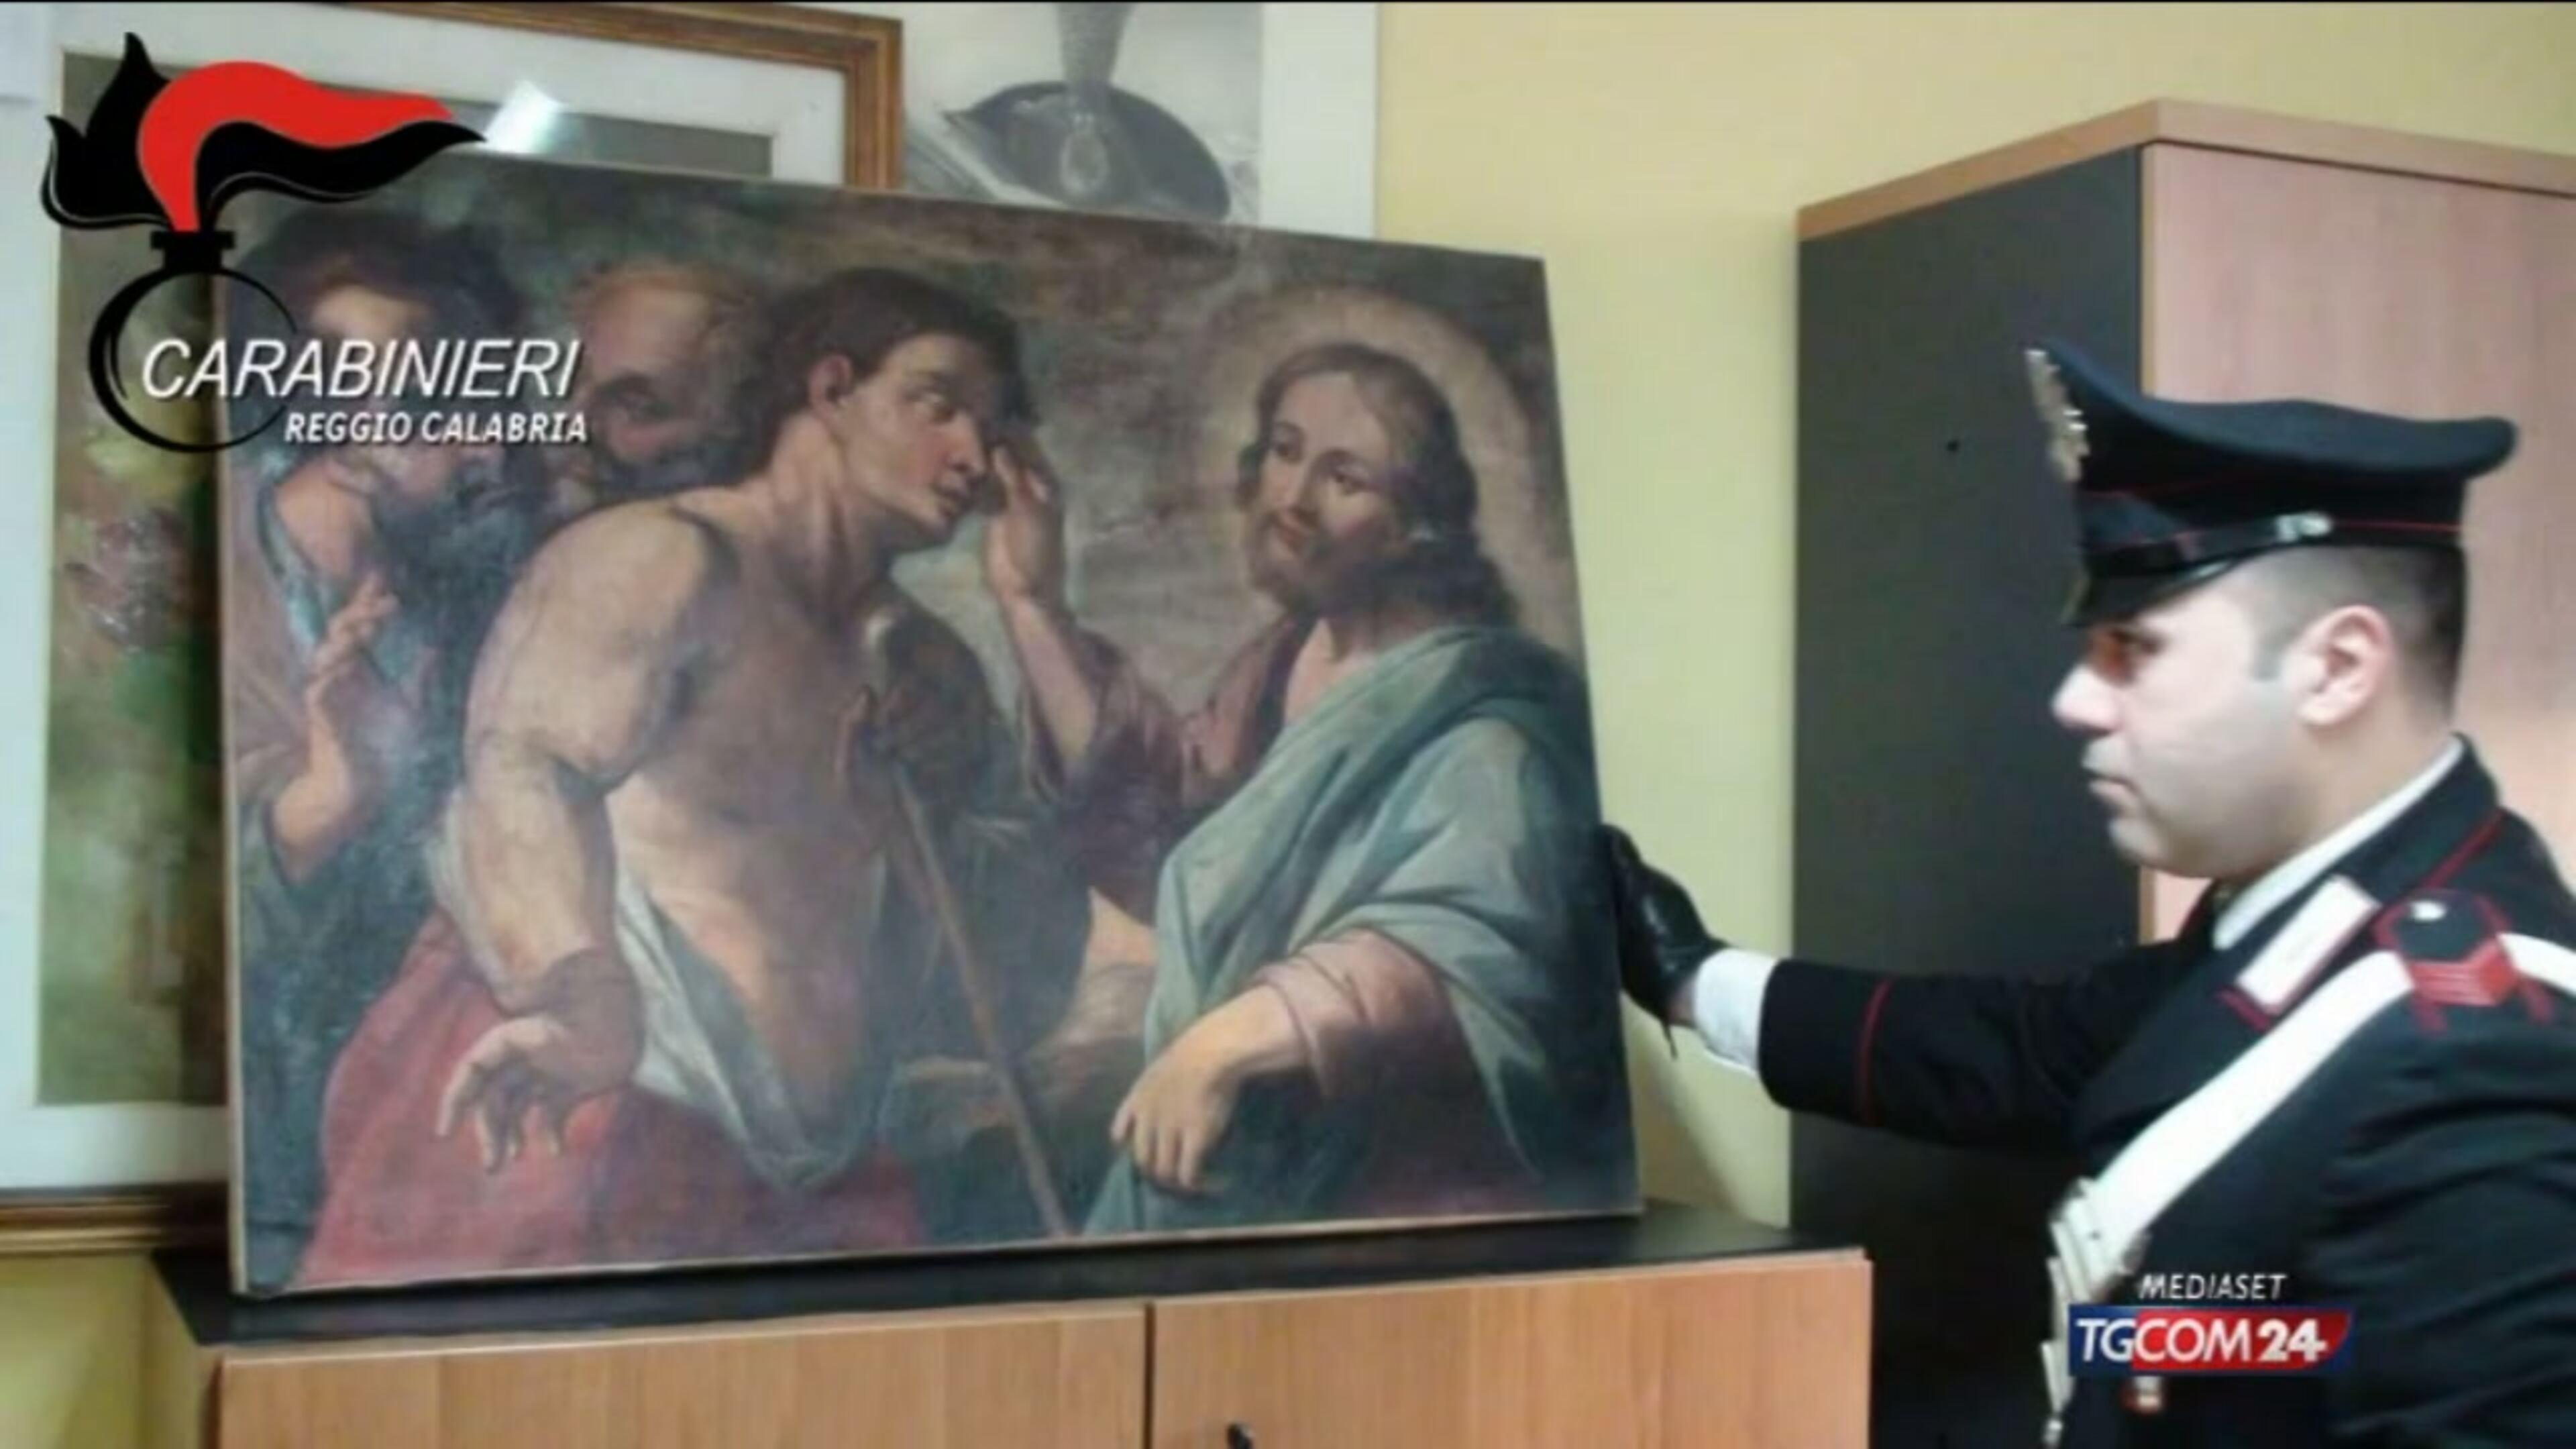 Messina, recuperate tele rubate: anche un Guttuso